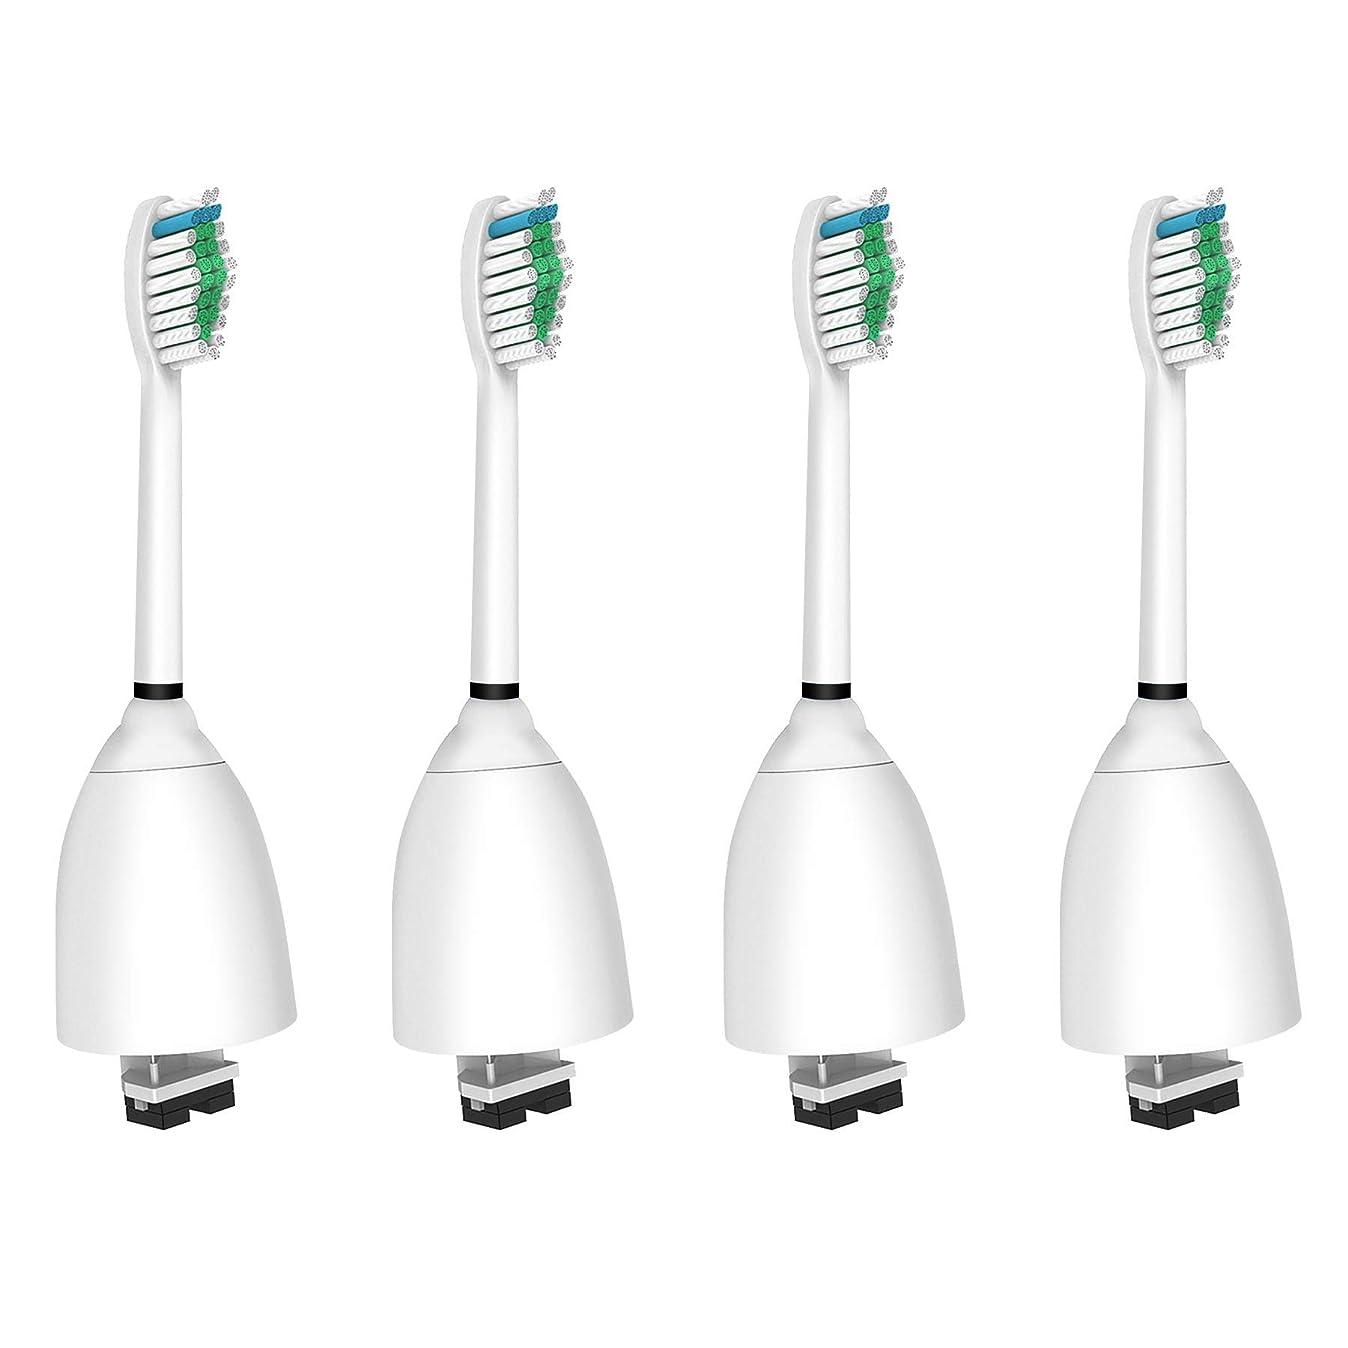 噛む経験オペラWuYan ブラシヘッド 互換性 Philips Sonicare 歯ブラシヘッドに対応 E シリーズ 交換用 ブラシヘッド 互換性 エッセンス エリート エクストリーム アドバンスとクリーンケア 4 パック